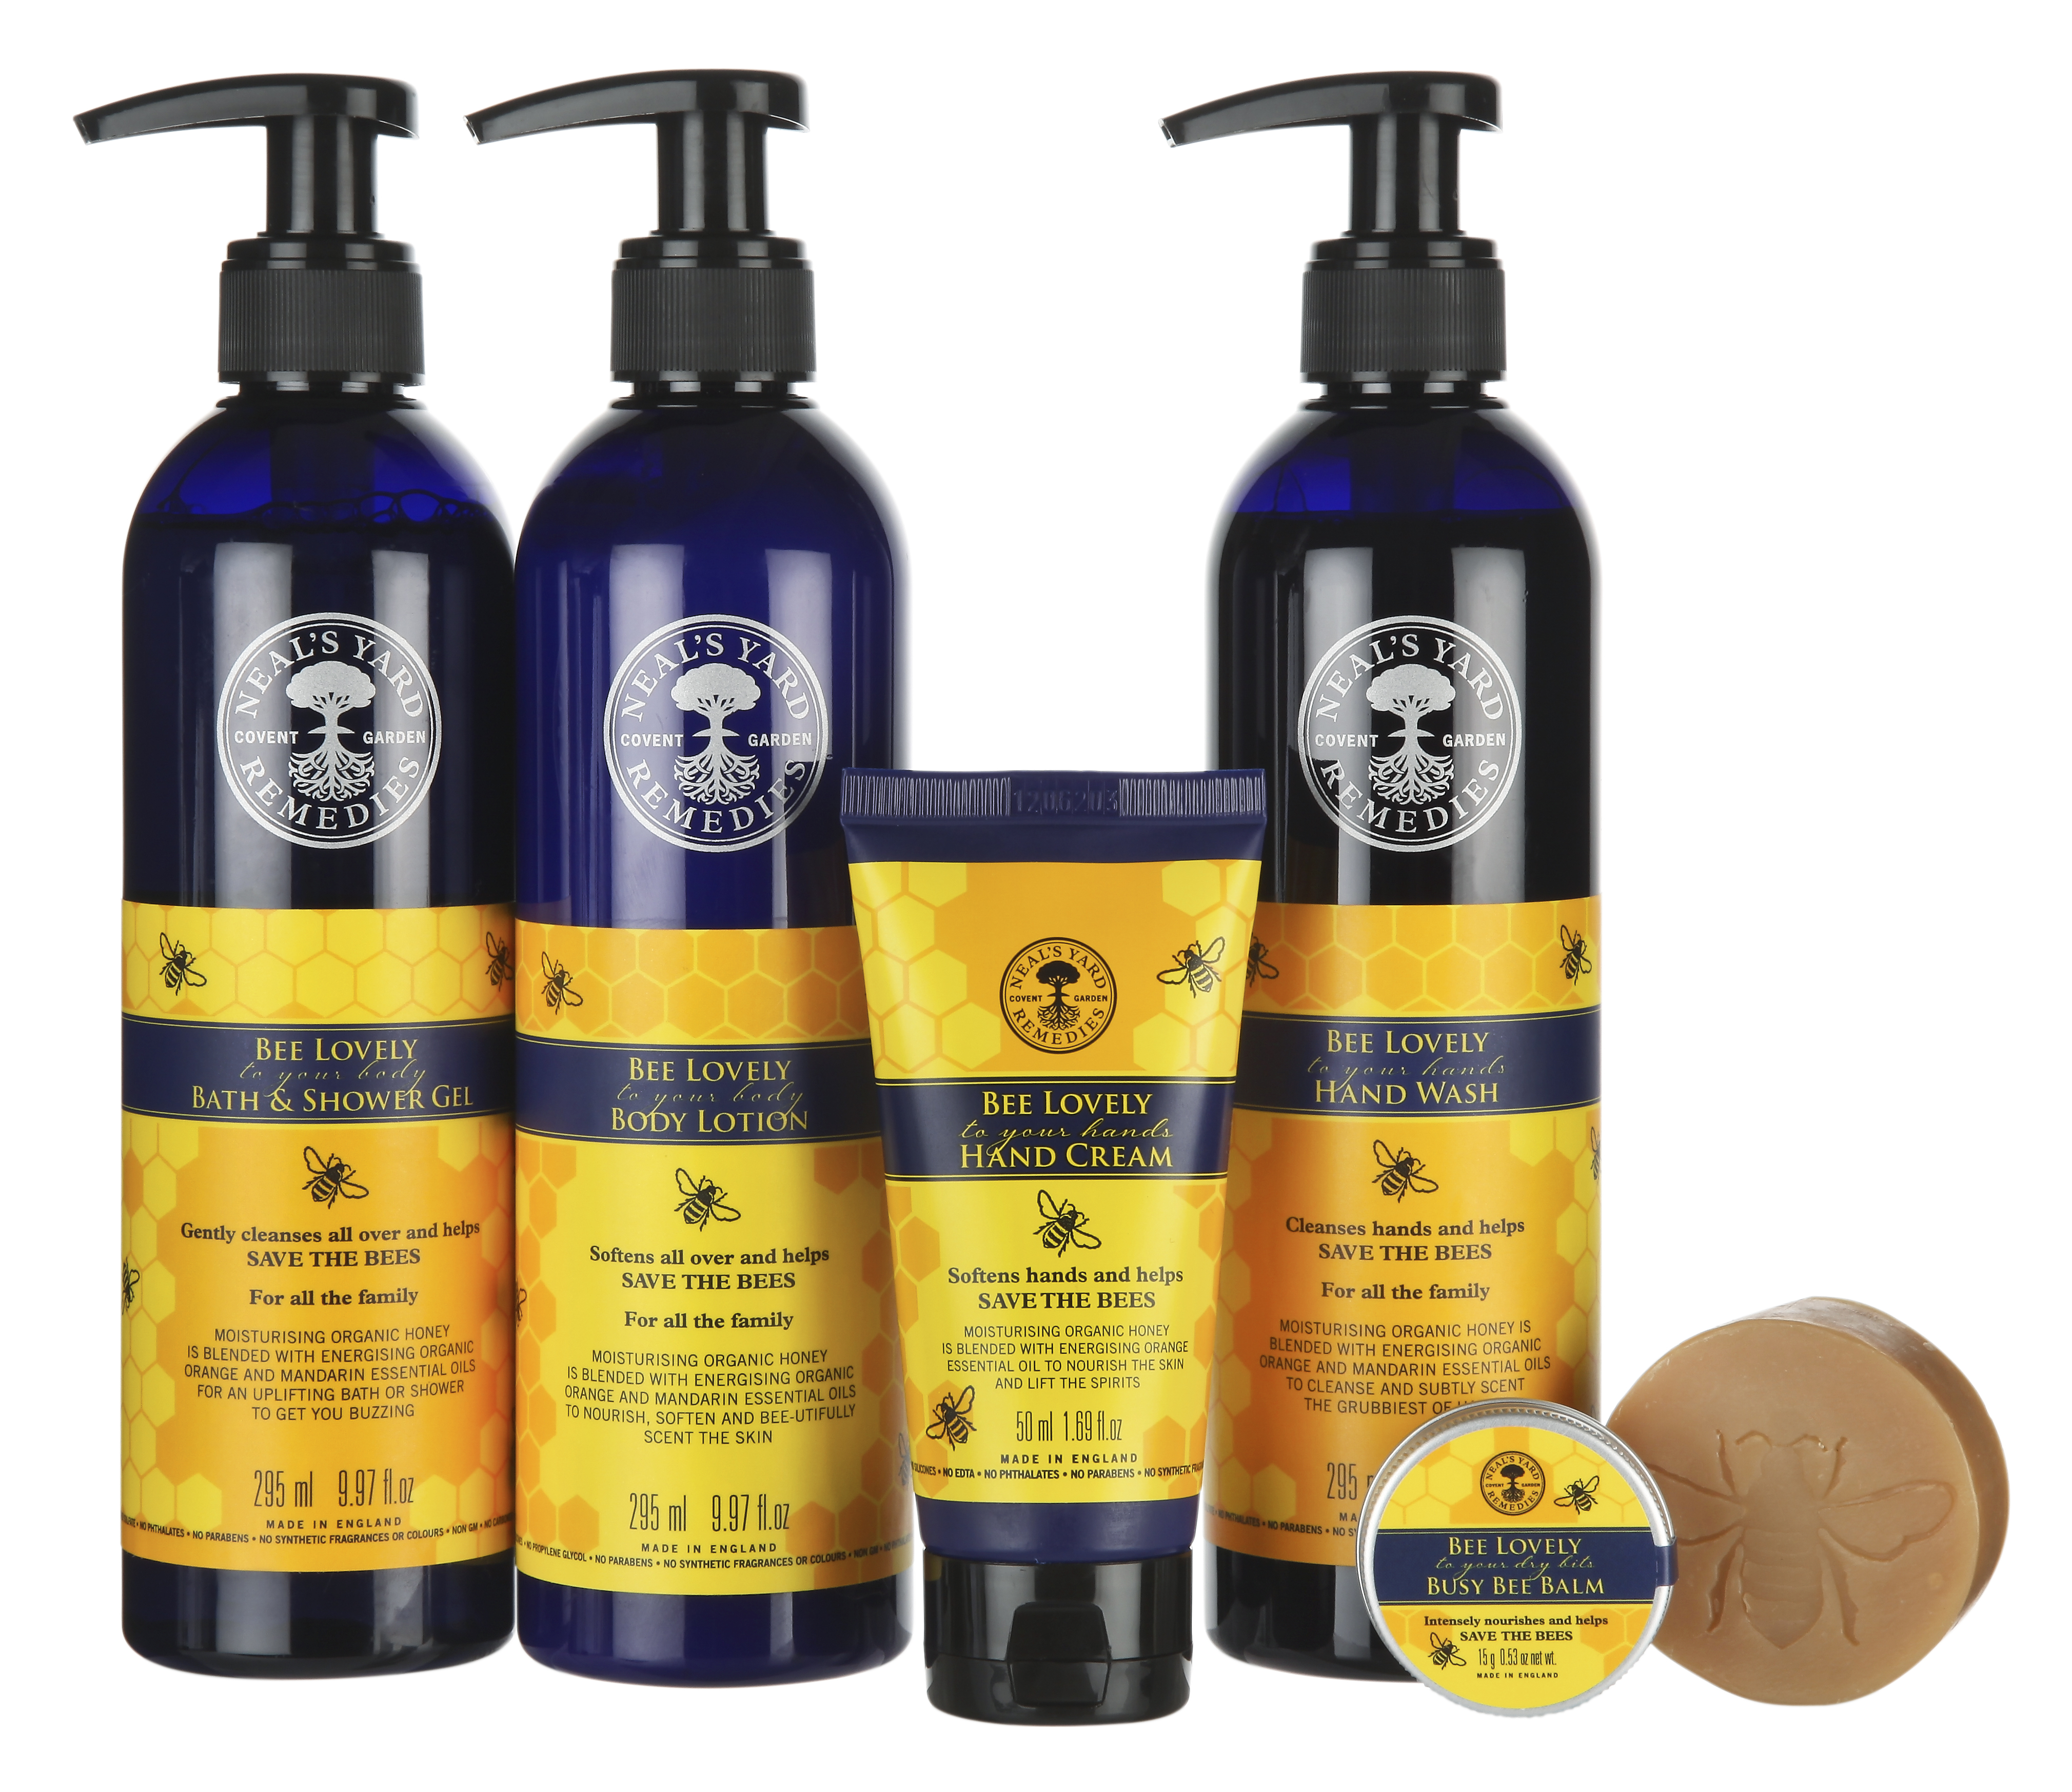 Brittiska ekologiska märket Neal´s Yard är prisbelönt för sina produkter som bygger på vårdande bivax